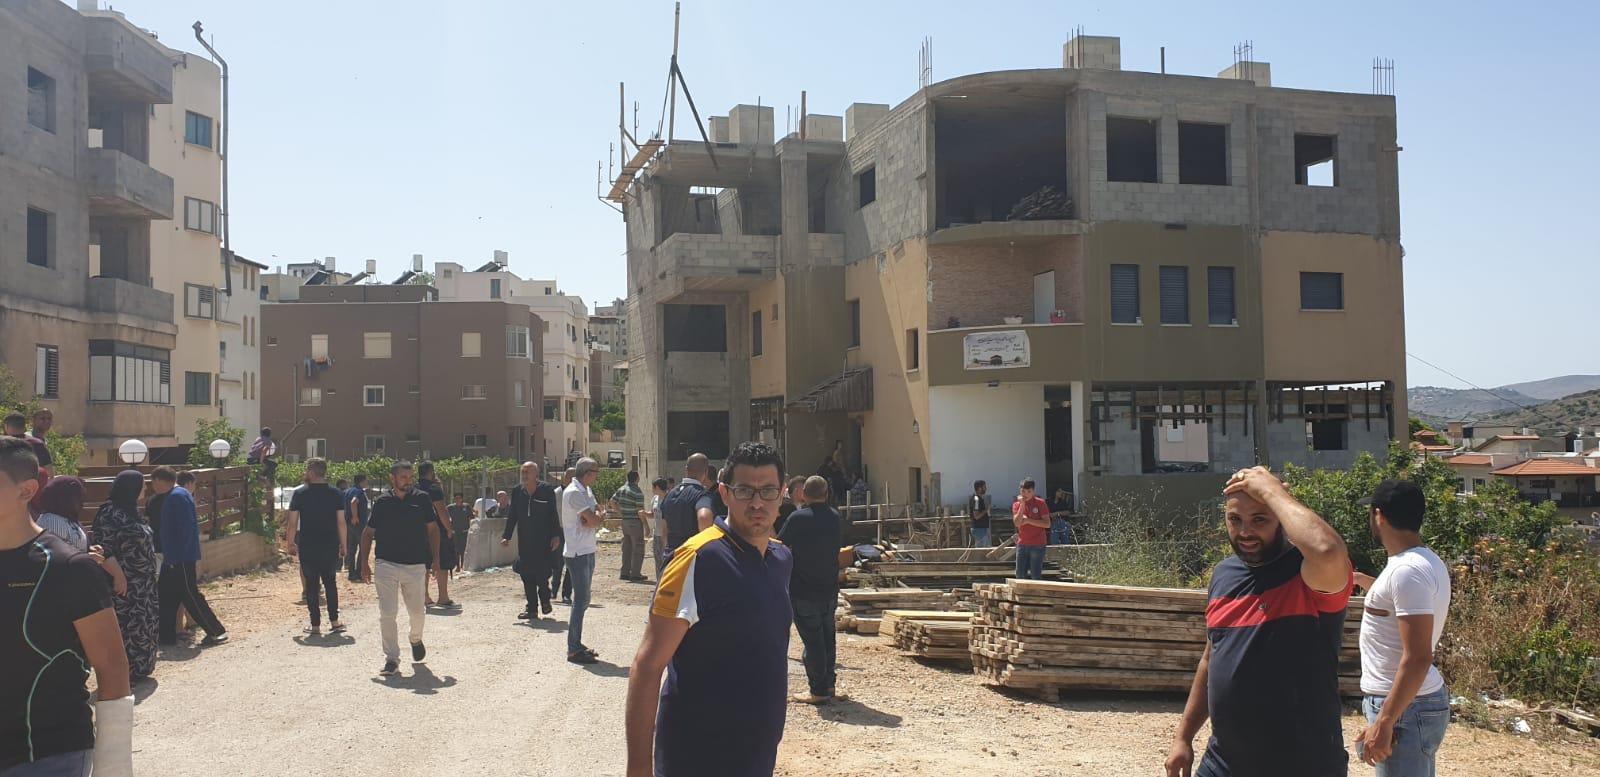 سخنين: مصرع صبحي عثمان وإصابة آخر بحادث عمل